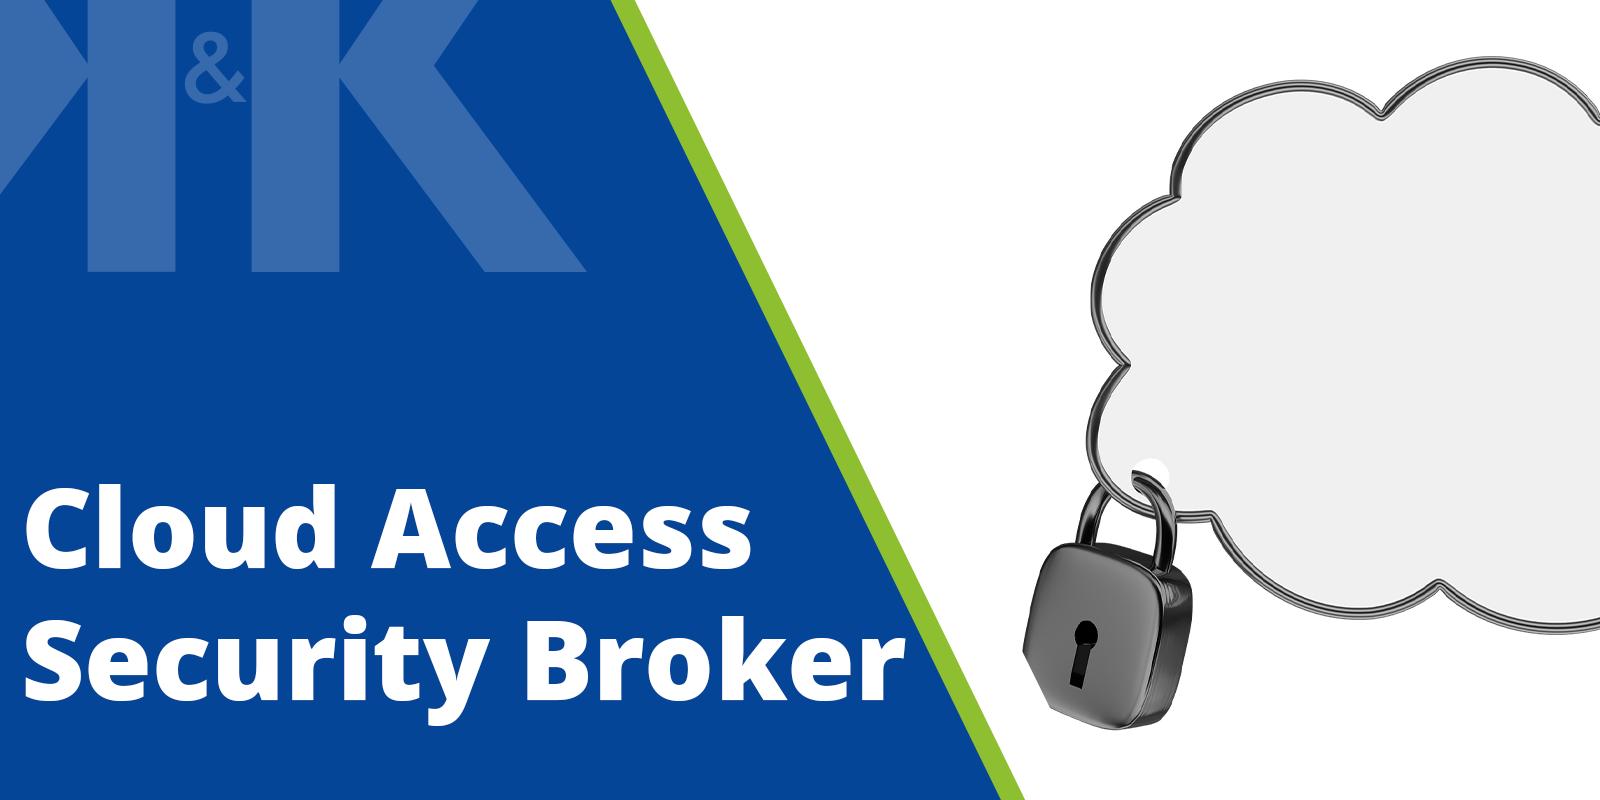 """Vorschaubild für einen Blogpost zum Thema: """"Cloud-Access-Security-Broker"""". Es zeigt den Textzug """"Cloud-Access-Security-Broker"""". Gestaltet im Corporate Design der K&K Software AG."""